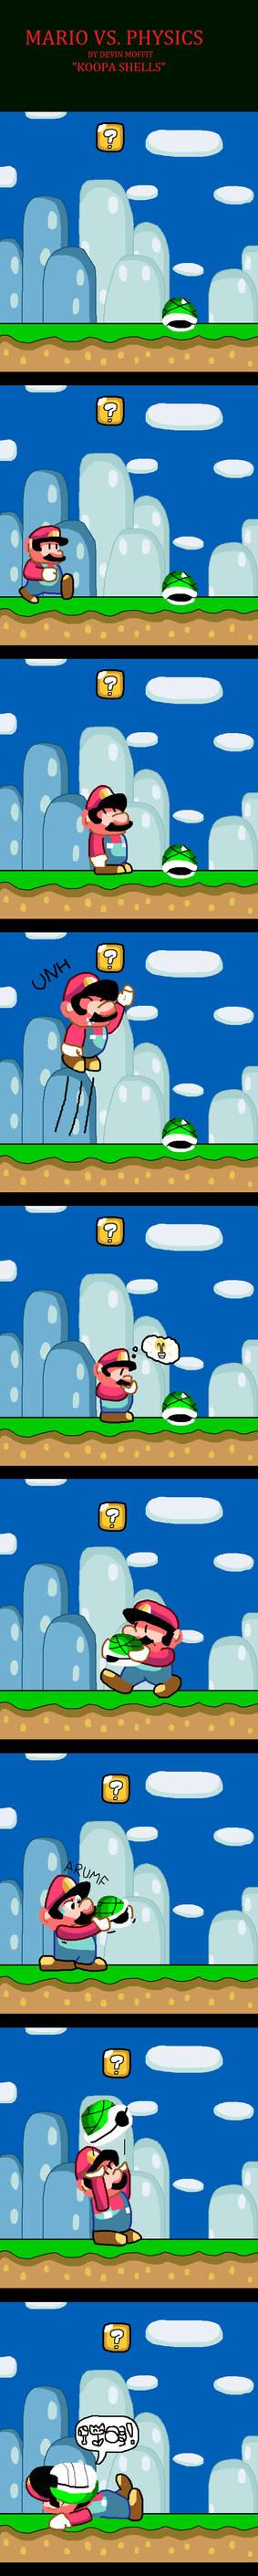 Mario vs. Physics - Koopa Shells